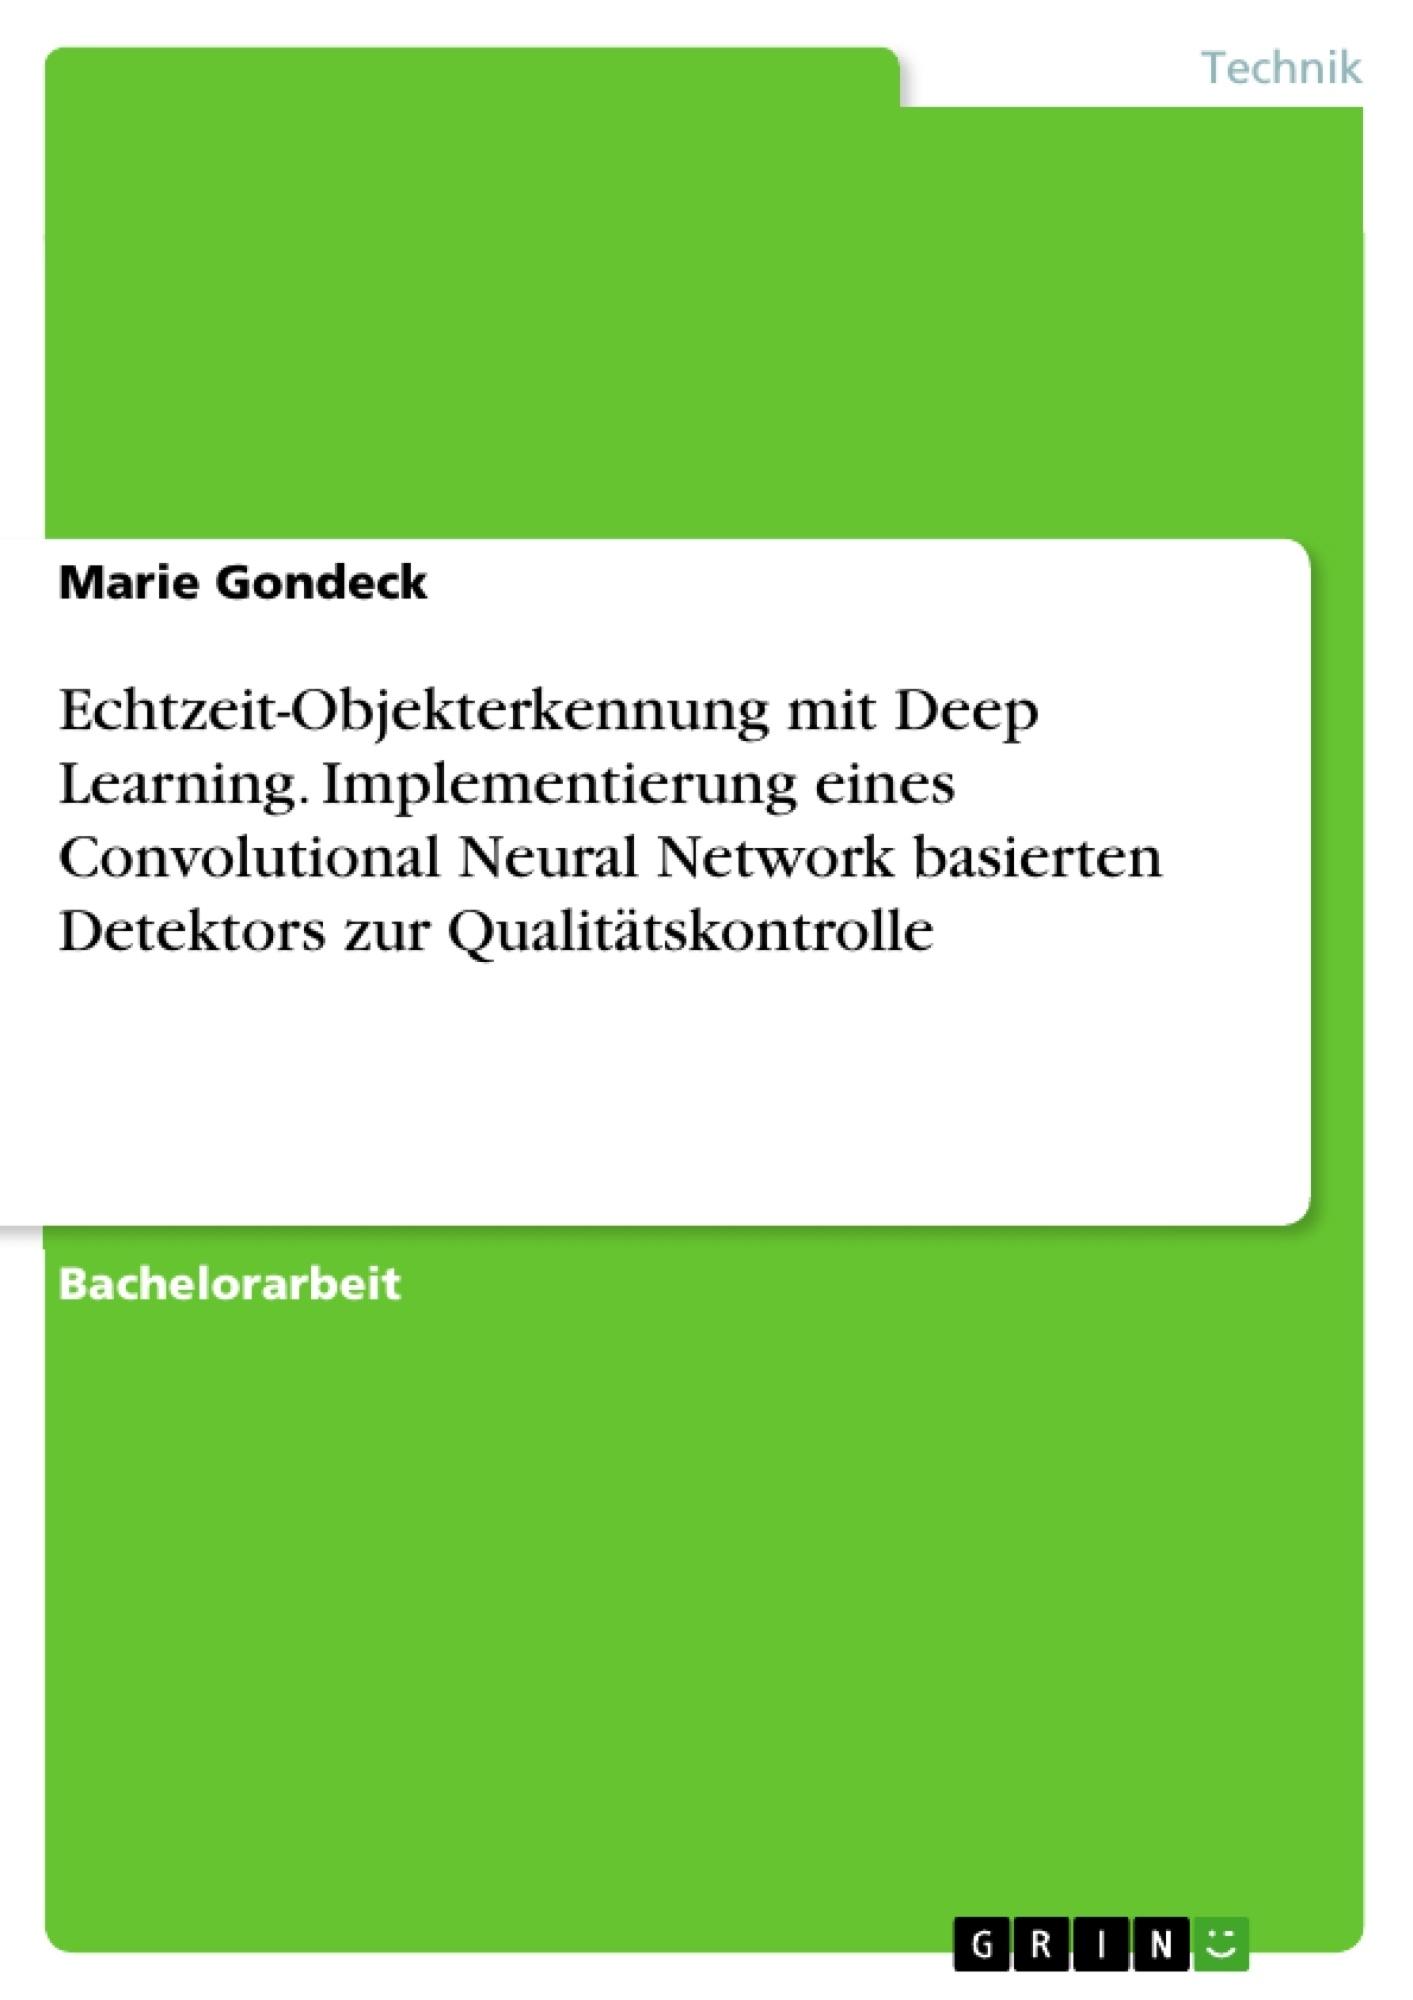 Titel: Echtzeit-Objekterkennung mit Deep Learning. Implementierung eines Convolutional Neural Network basierten Detektors zur Qualitätskontrolle